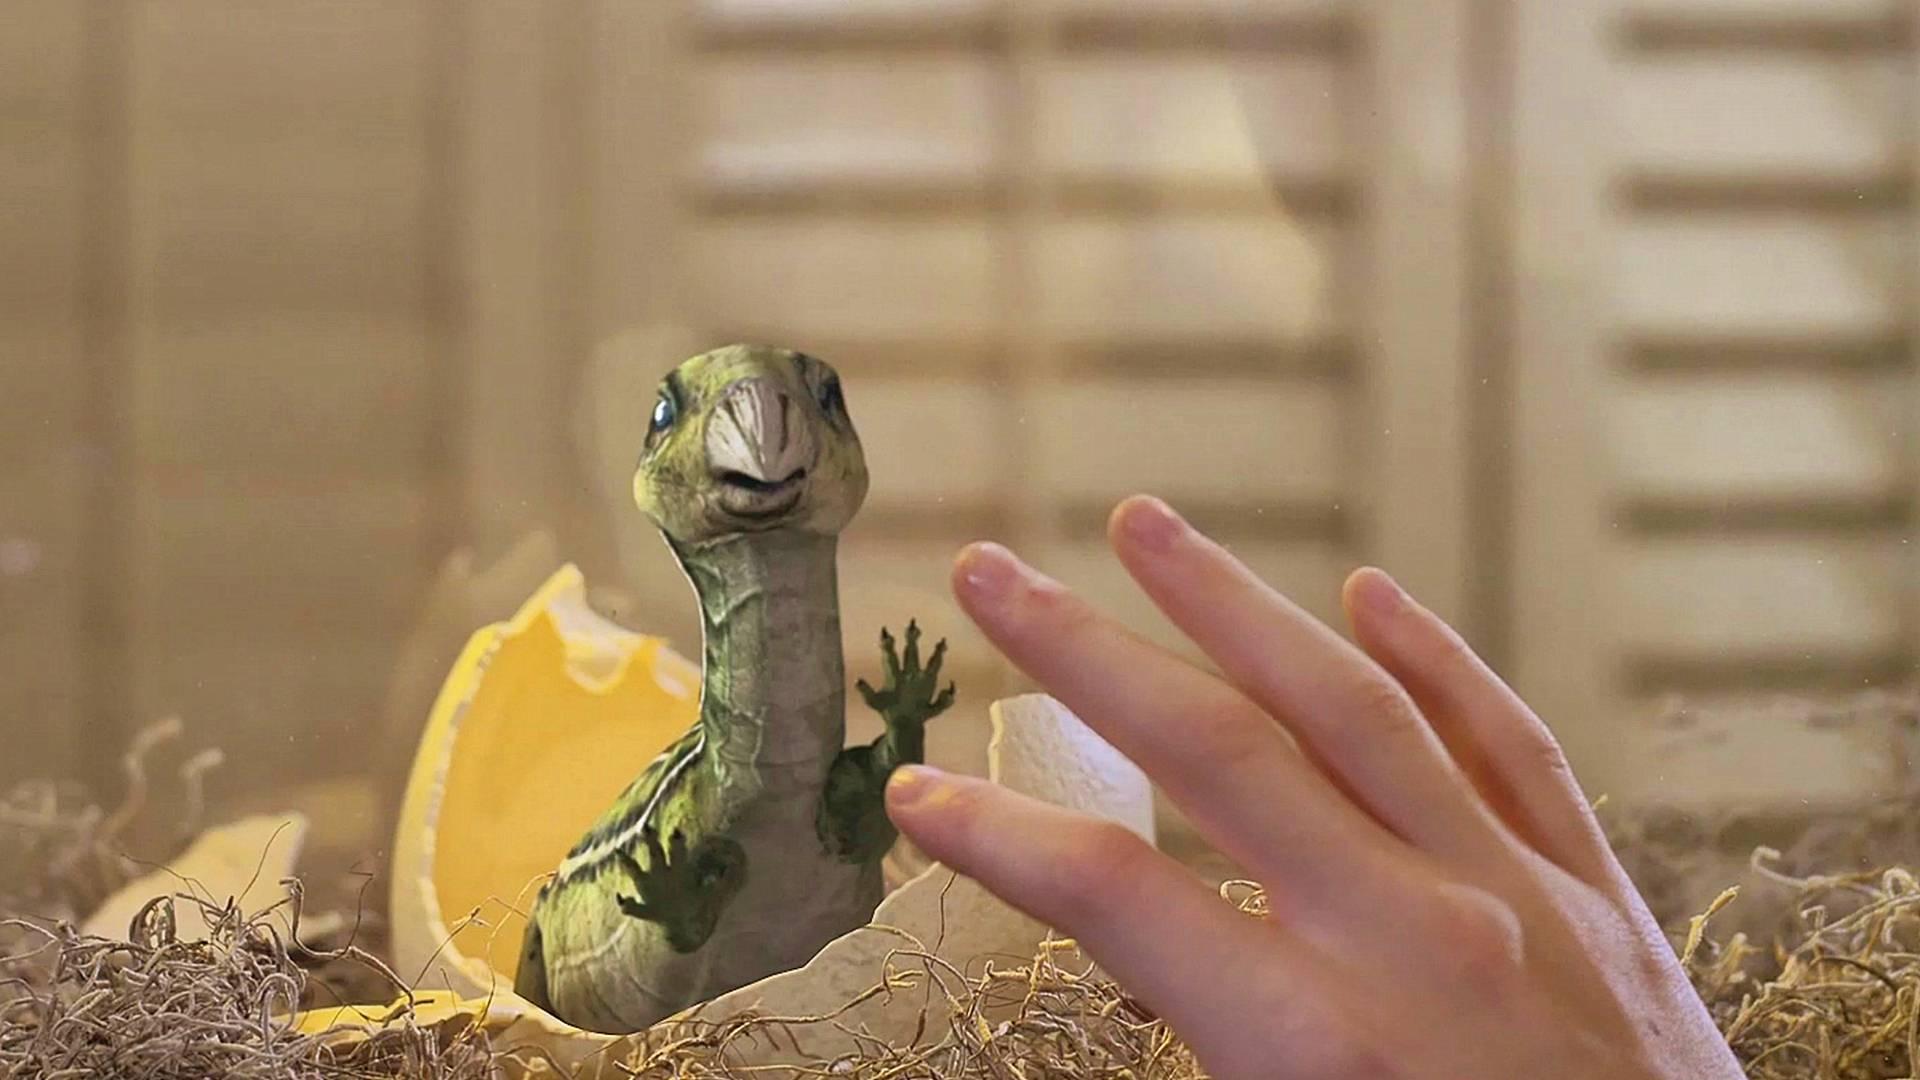 小男孩孵出一只小恐龙,小恐龙将他当成了妈妈,一部奇幻恐龙电影